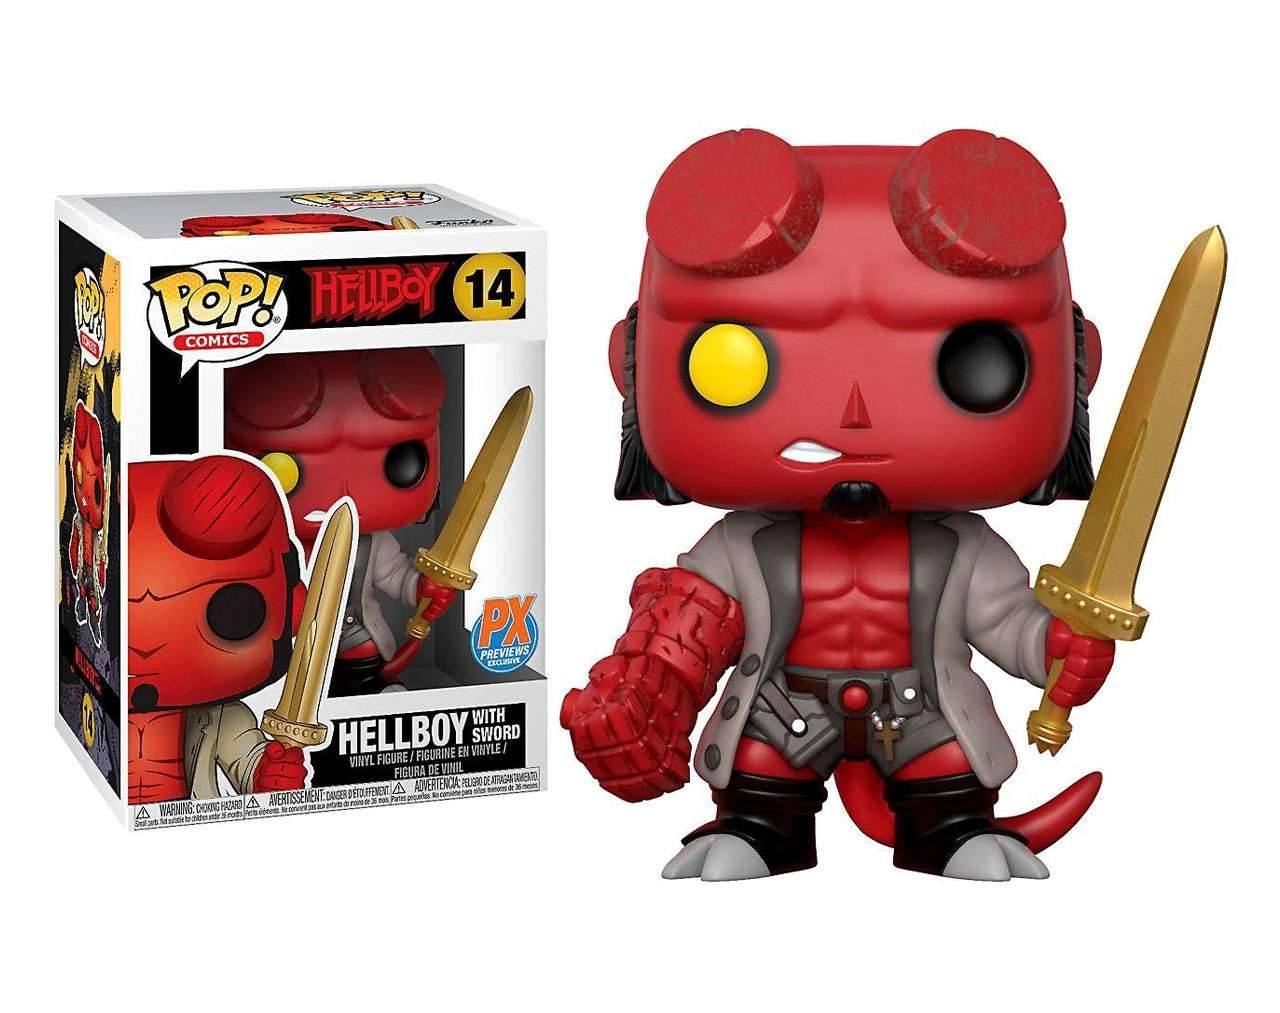 Hellboy with Sword (Exclusive) Pop! Vinyl